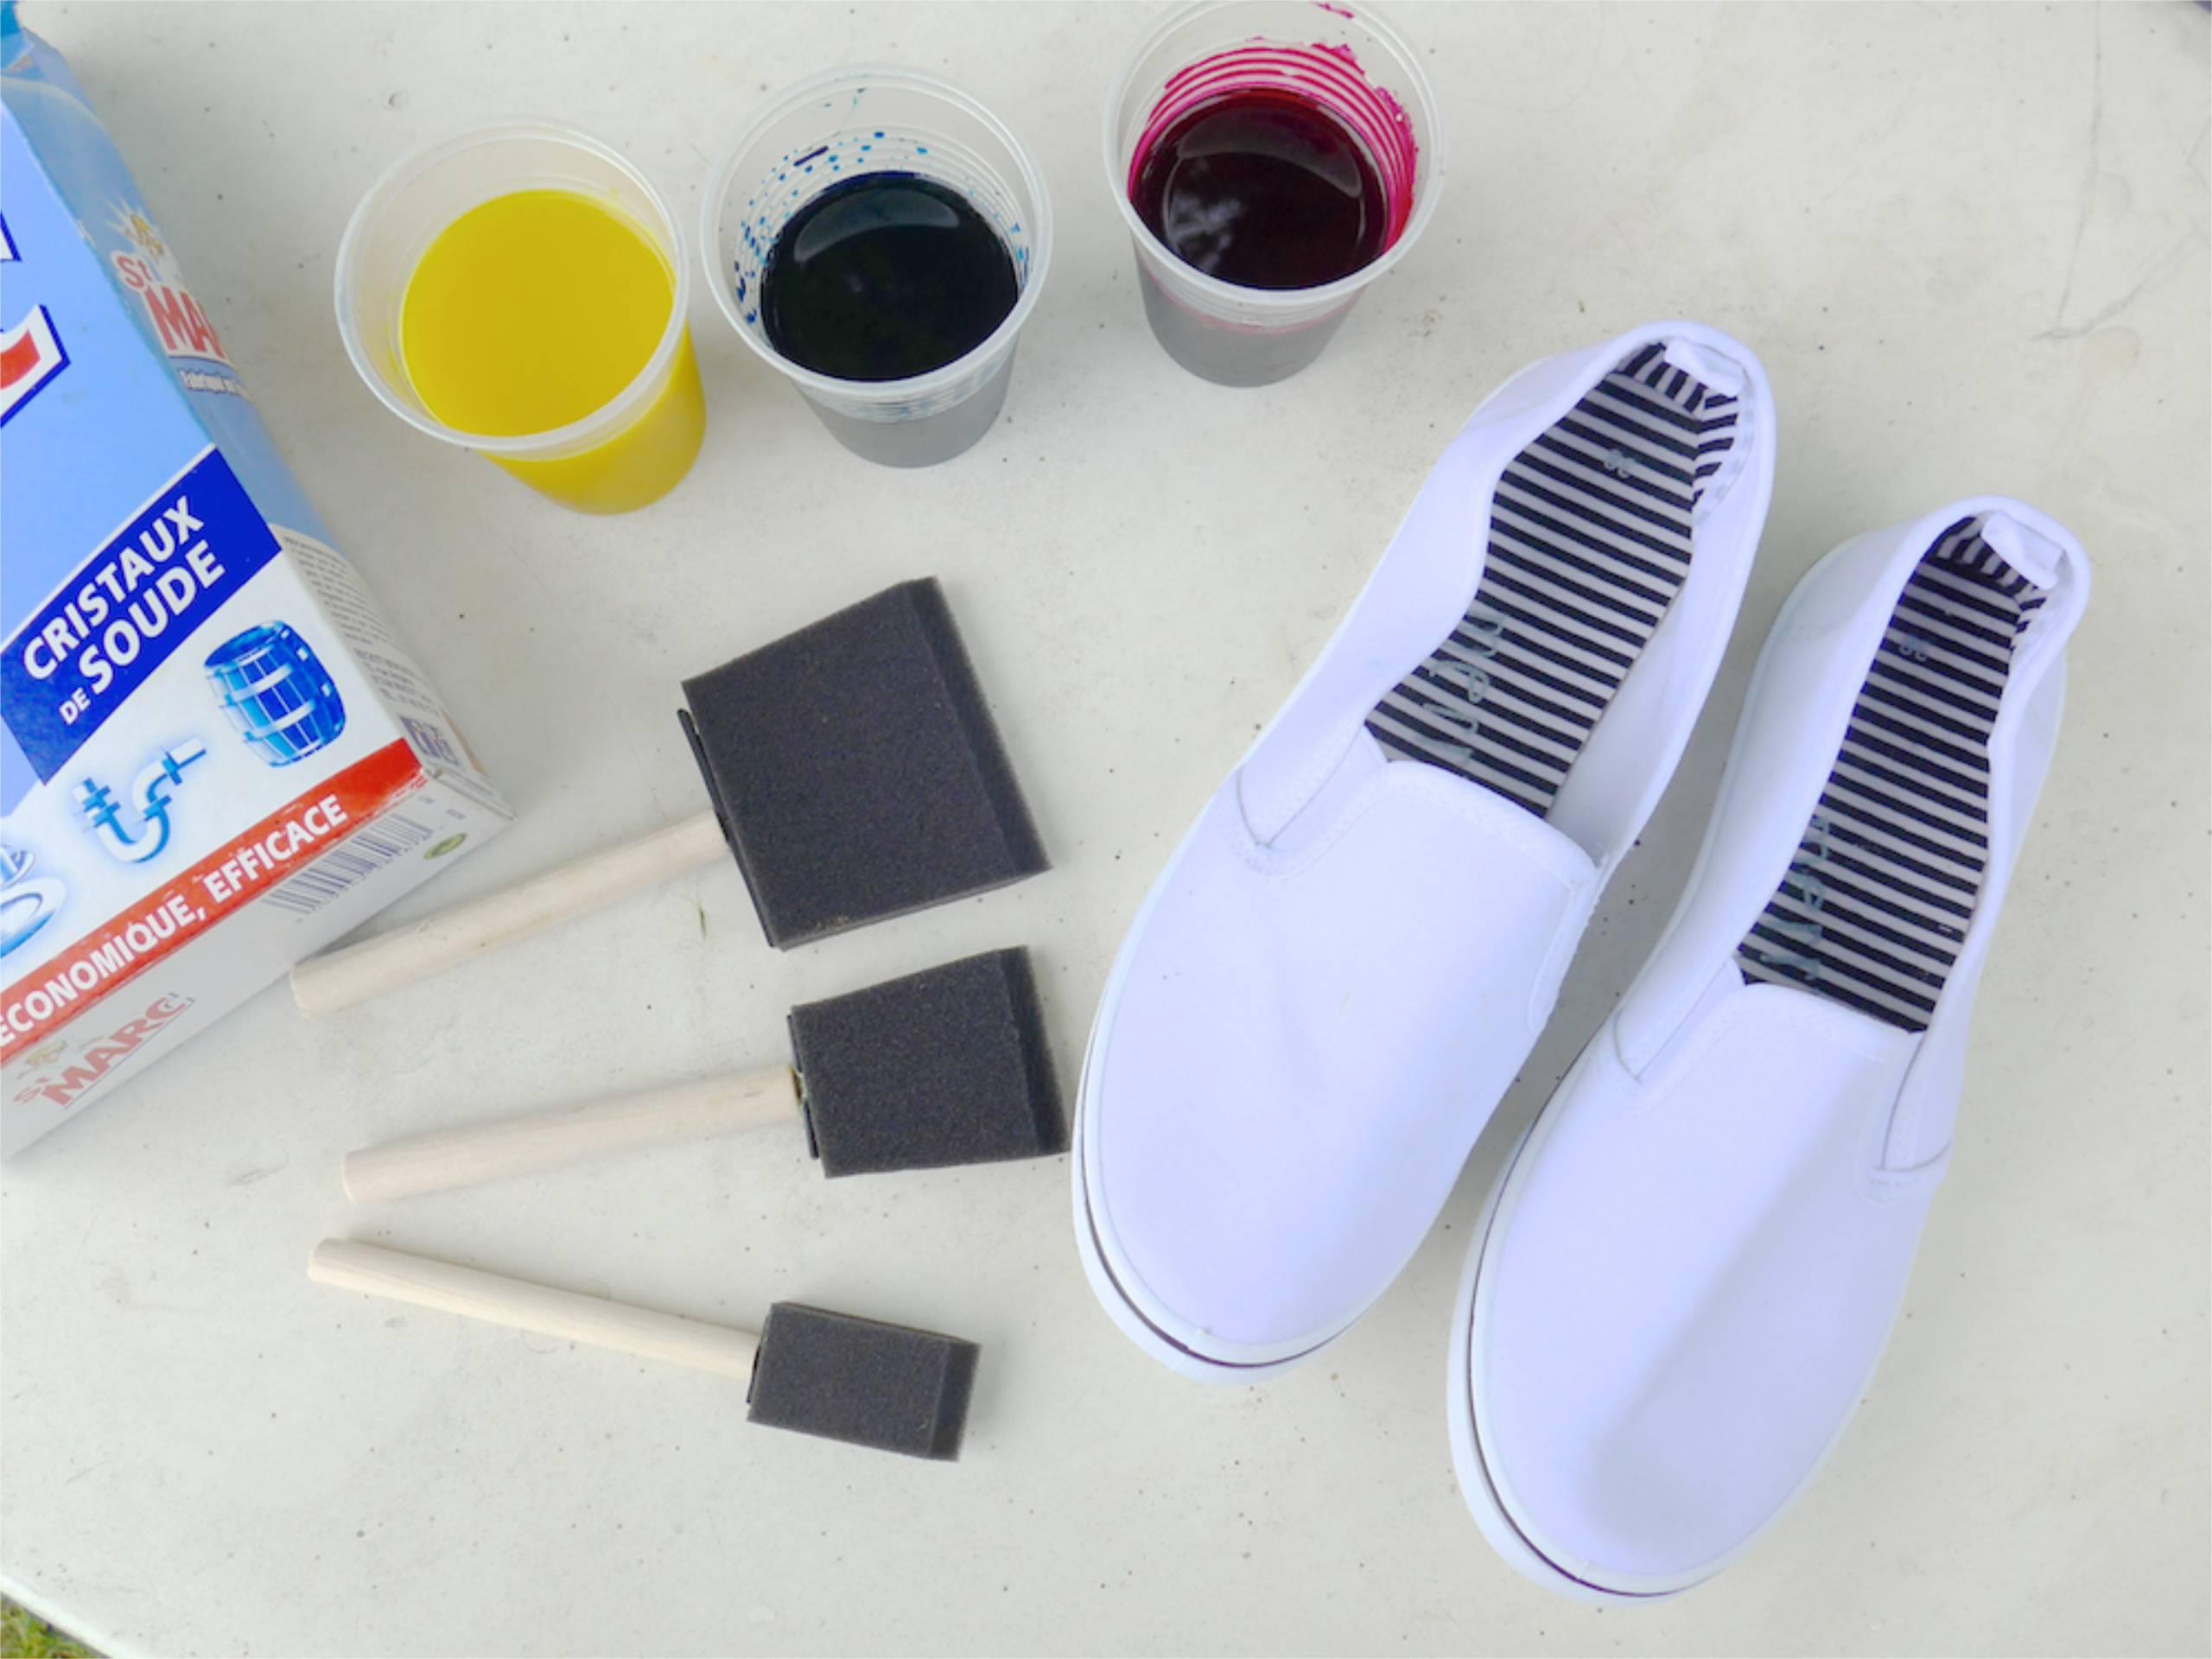 Le matériel pour teindre des tennis multicolores